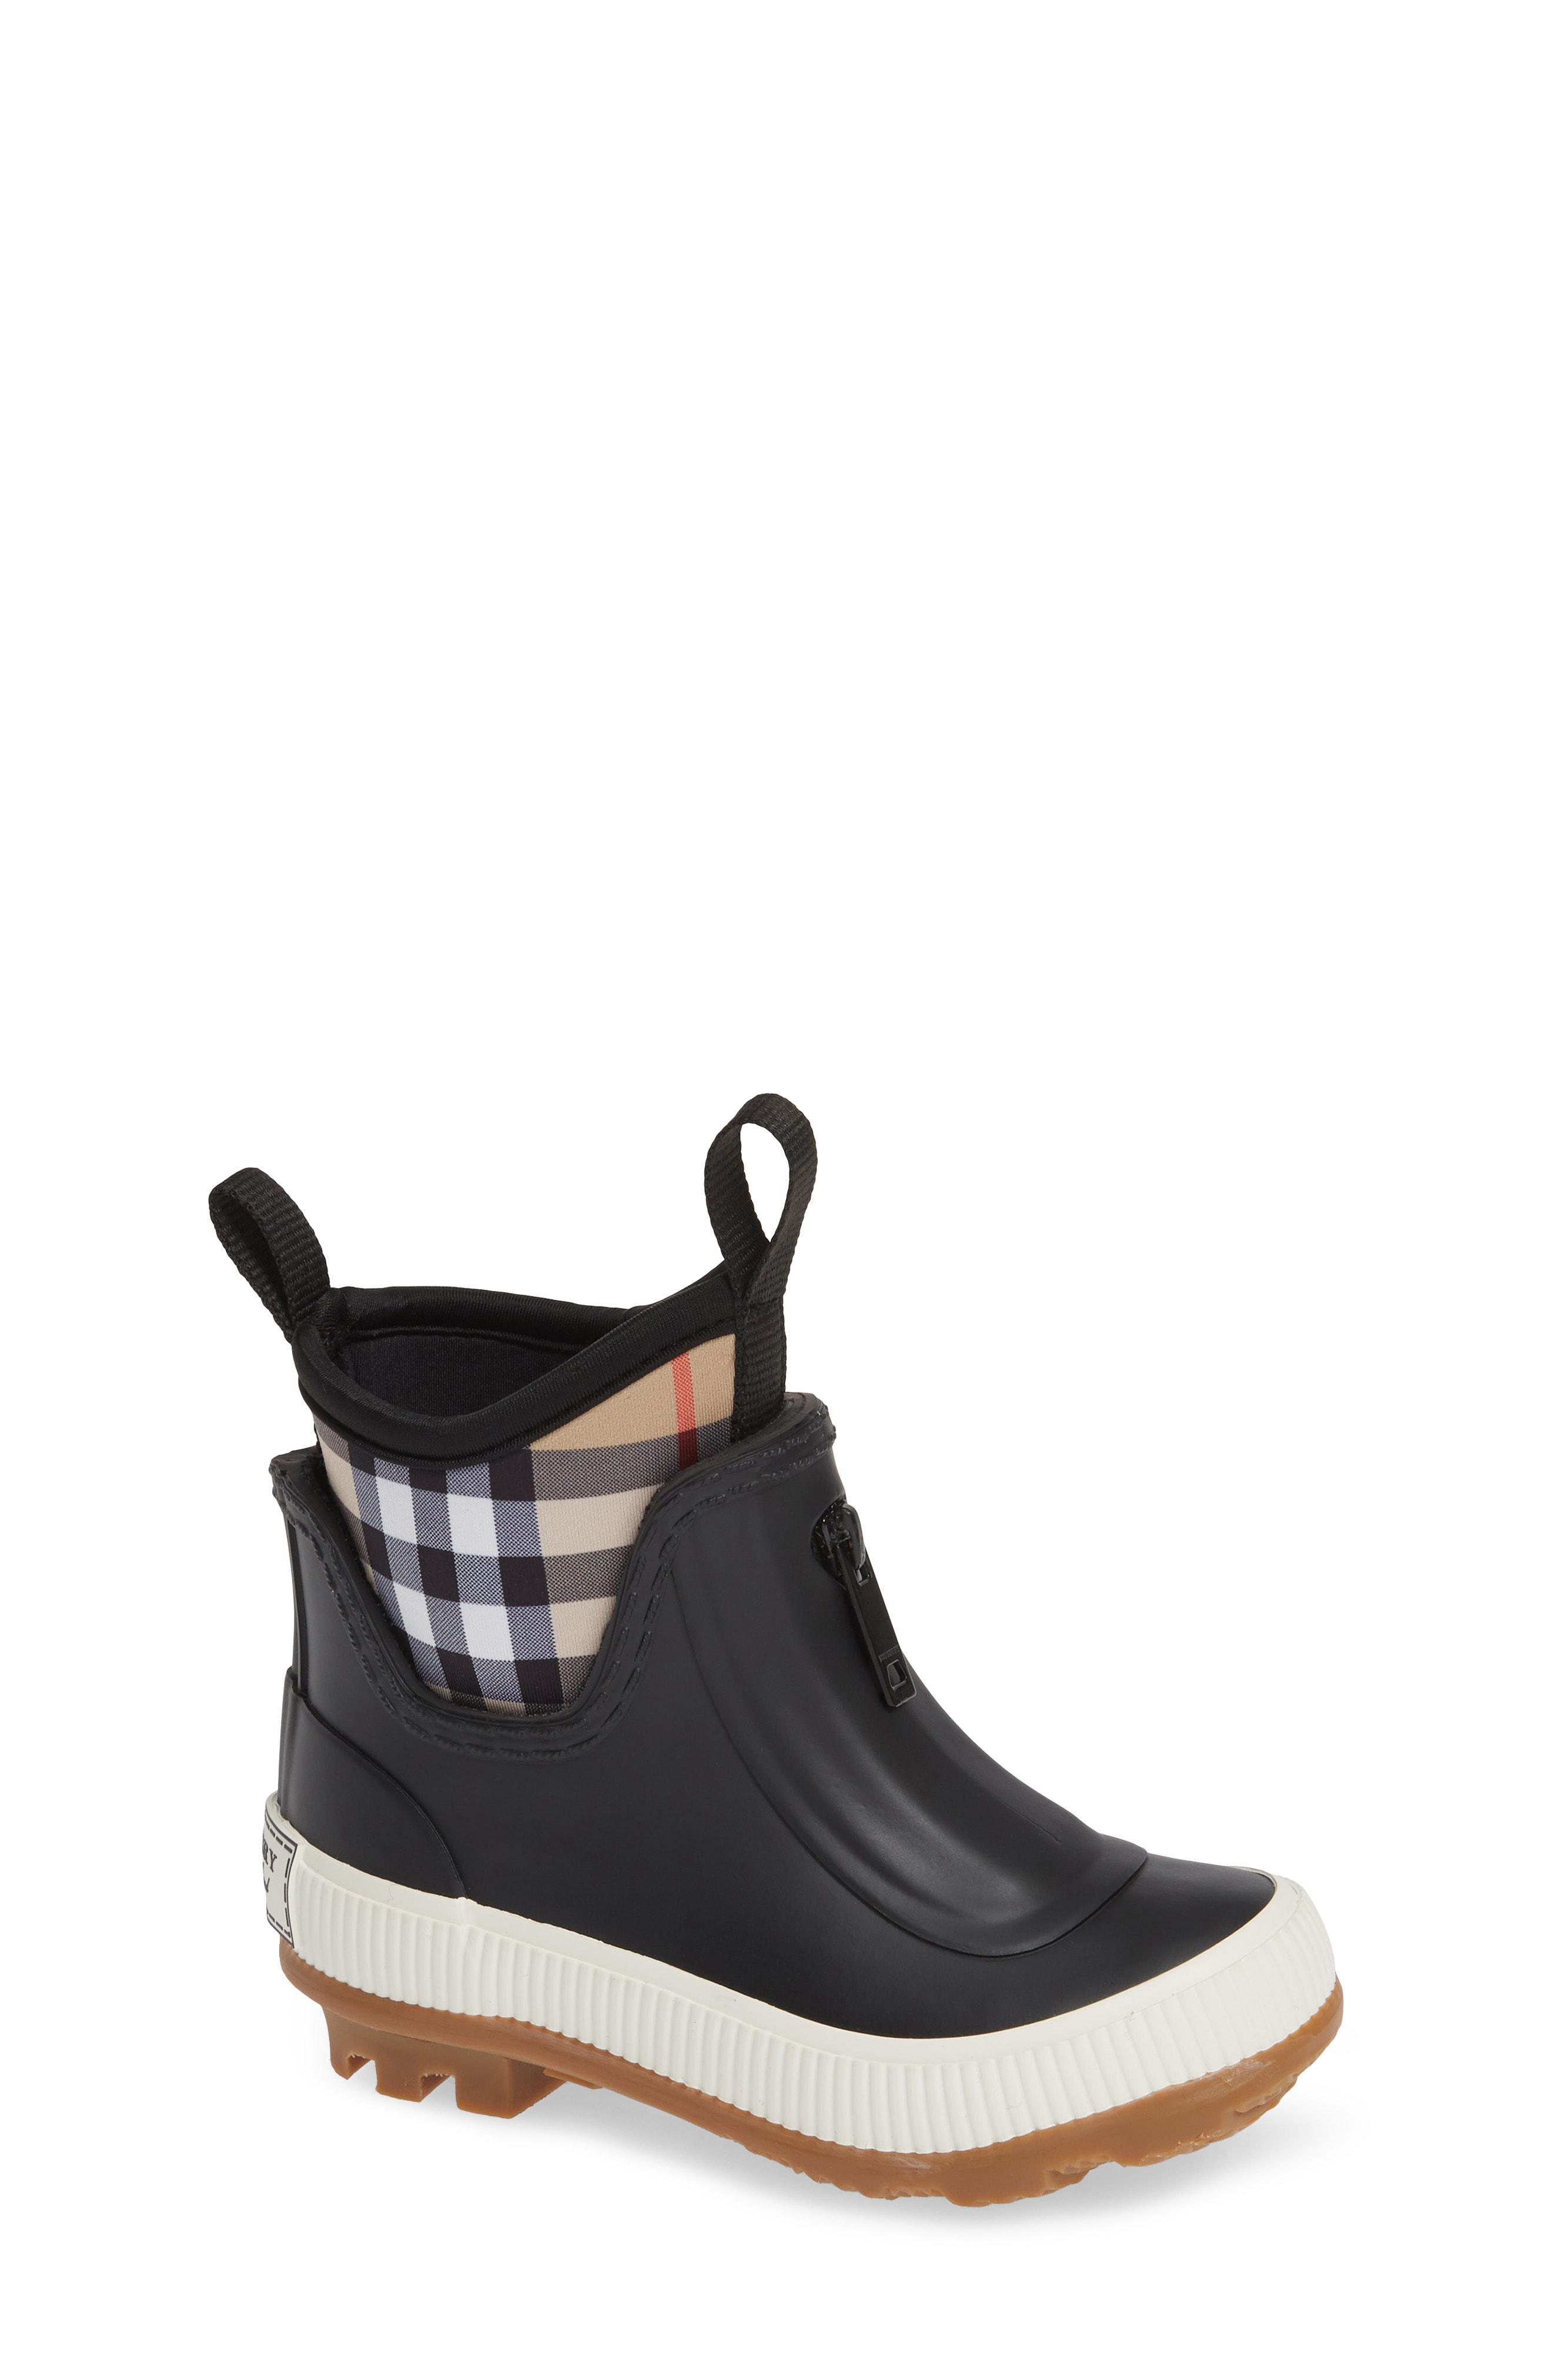 9c03a9231374 Lyst - Burberry Flinton Waterproof Rain Boot